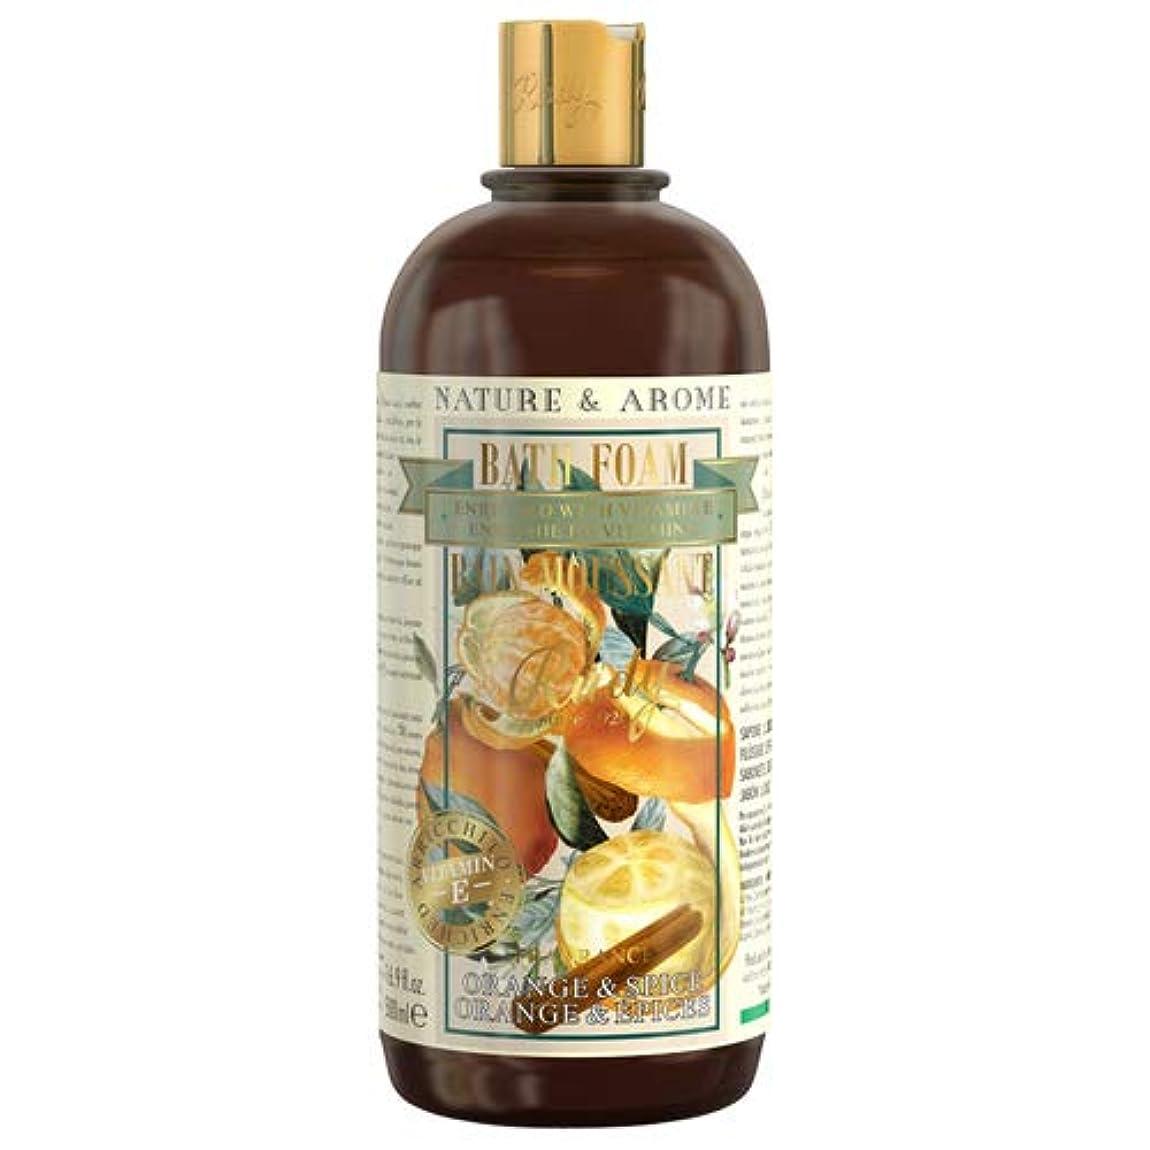 磁器法律によりアグネスグレイルディ(Rudy) RUDY Nature&Arome Apothecary ネイチャーアロマ アポセカリー Bath & Shower Gel バス&シャワージェル Orange & Spice オレンジ&スパイス